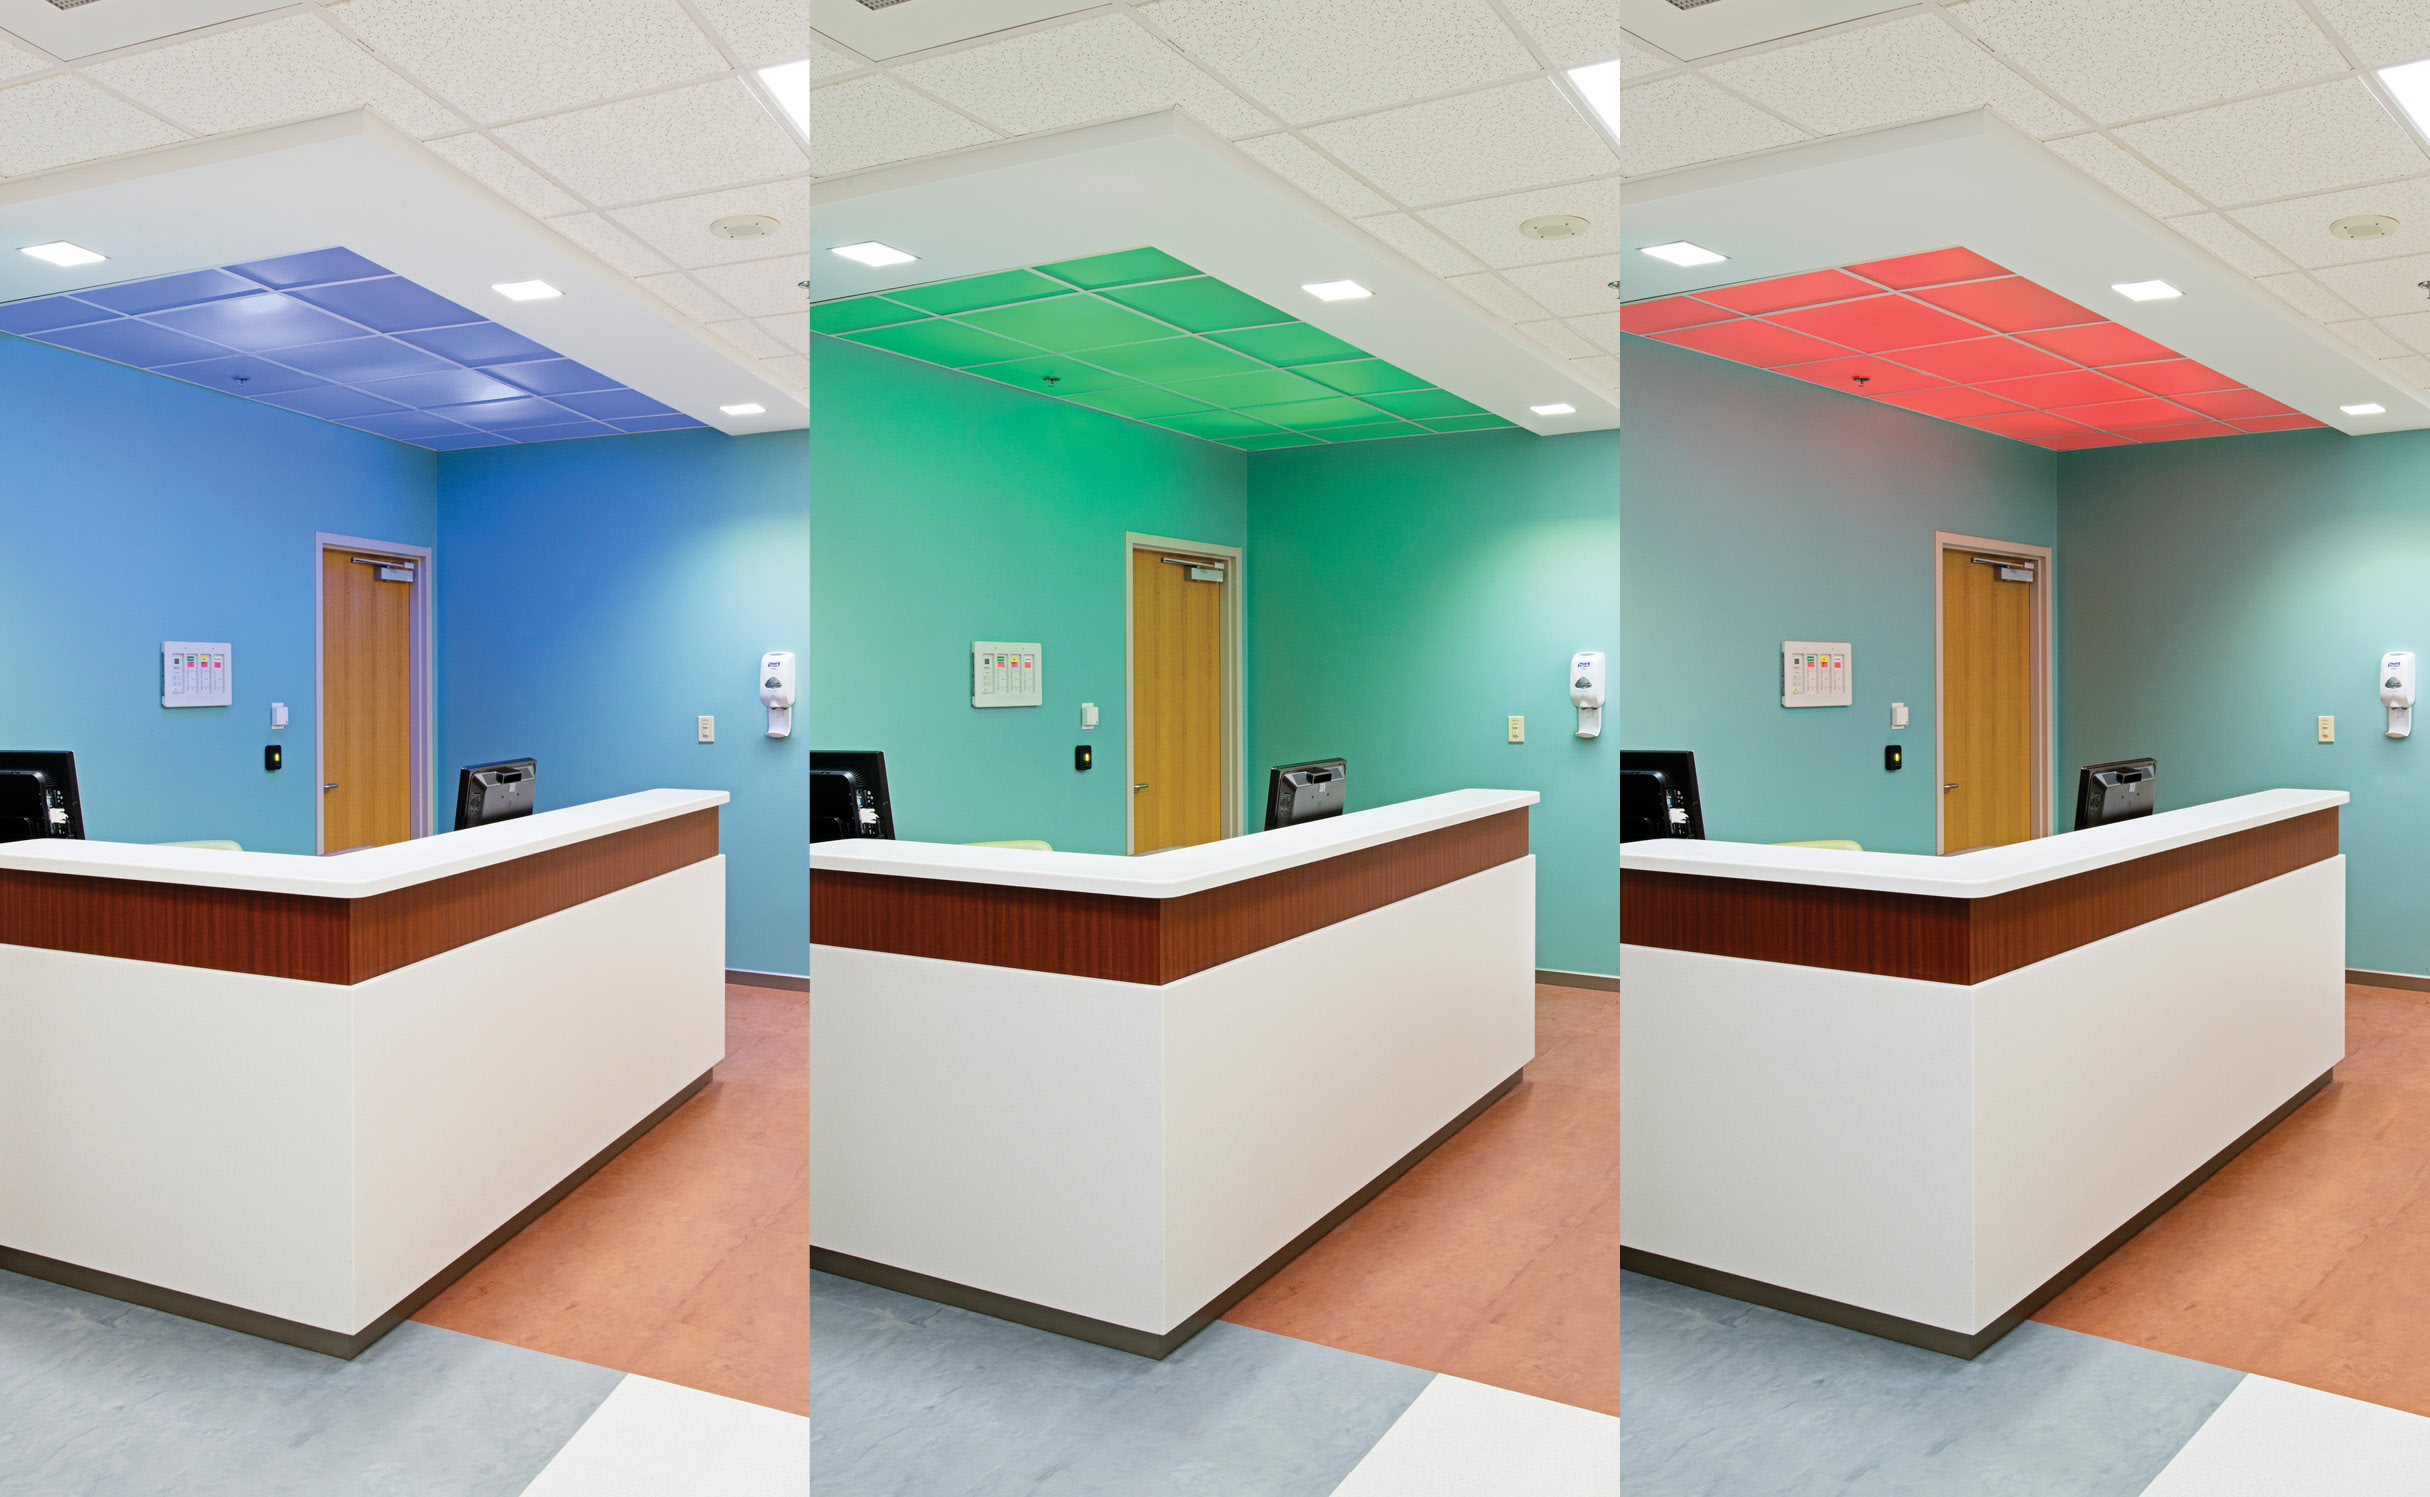 Led Color Changing Lights